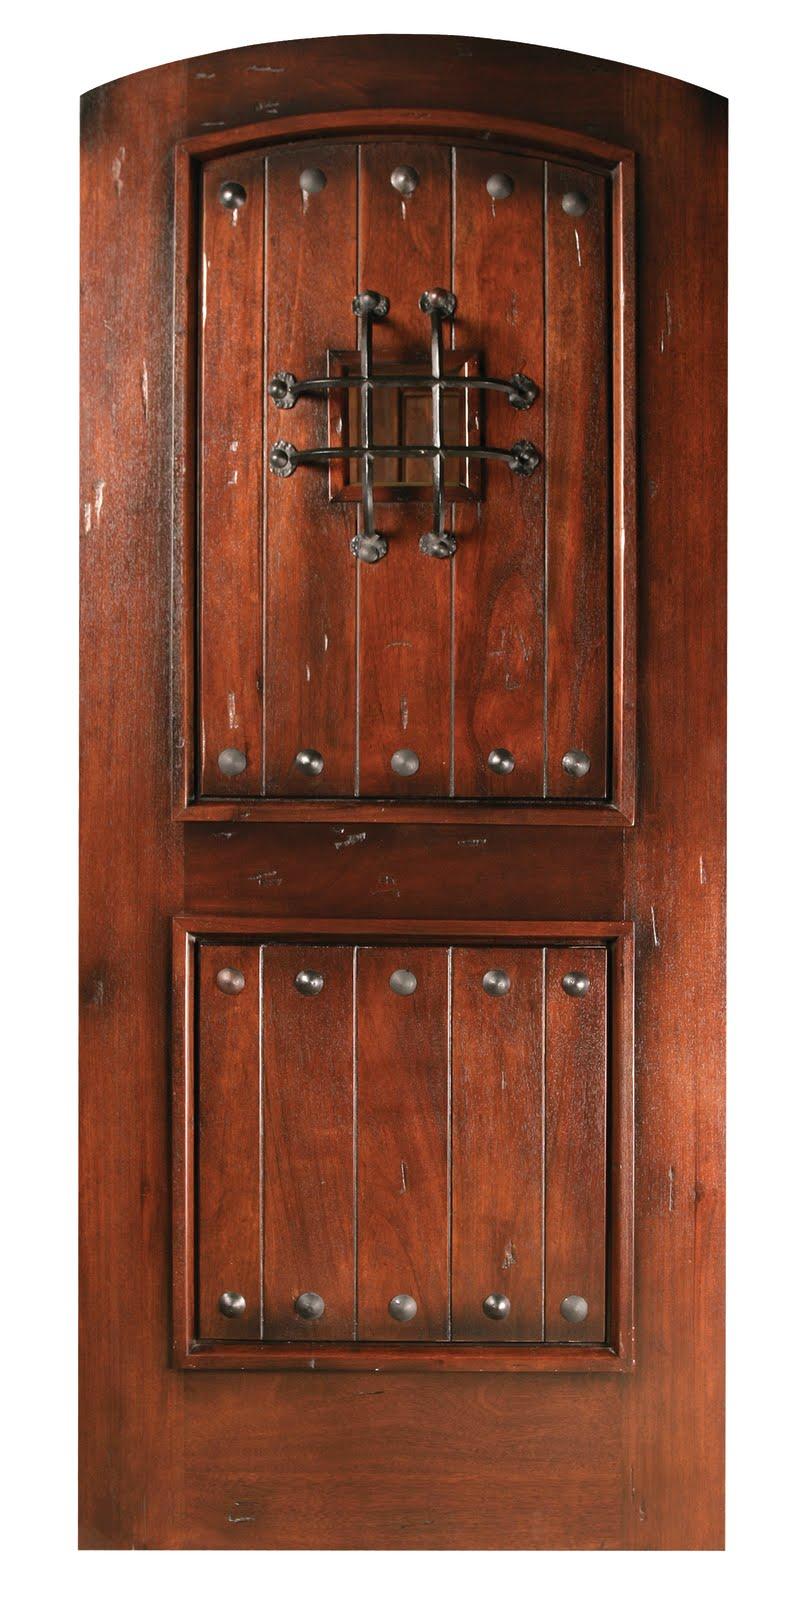 puertas originales puertas rusticas On puertas originales